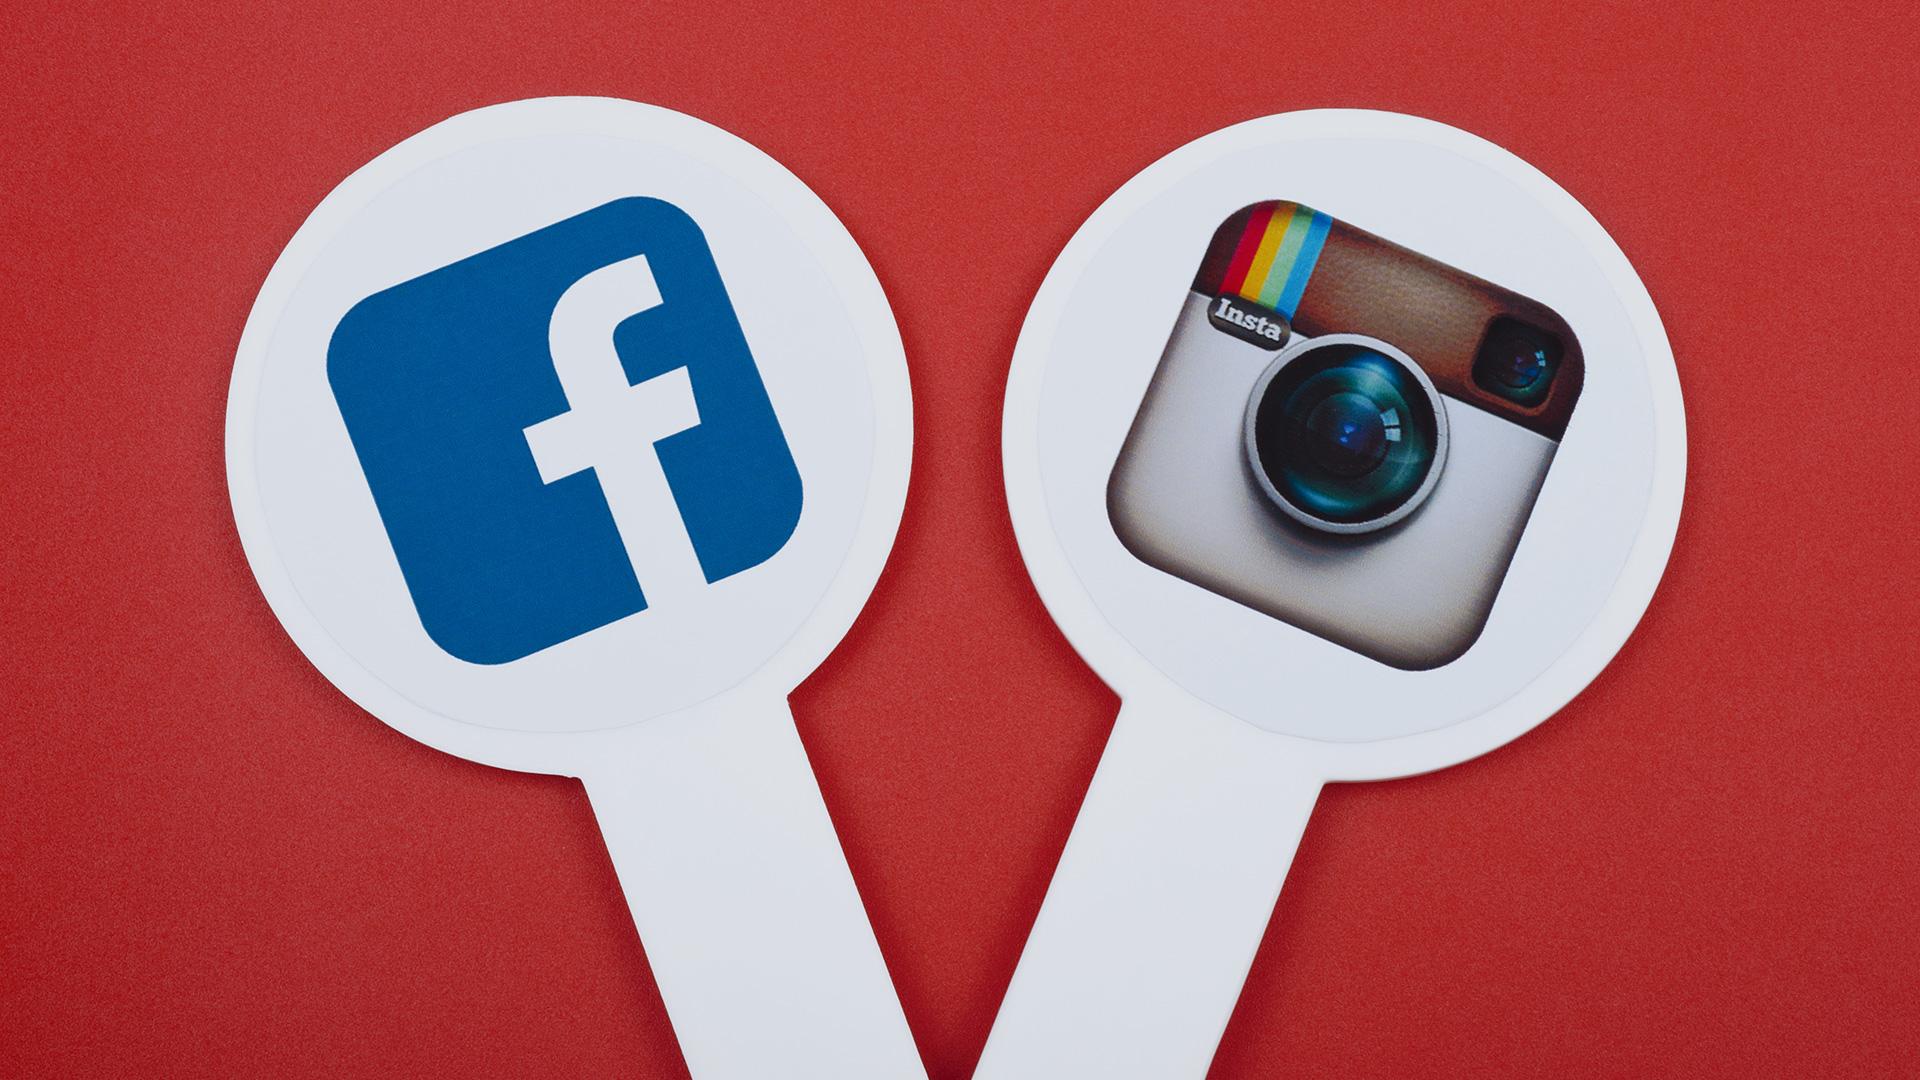 FB or Instagram for branding